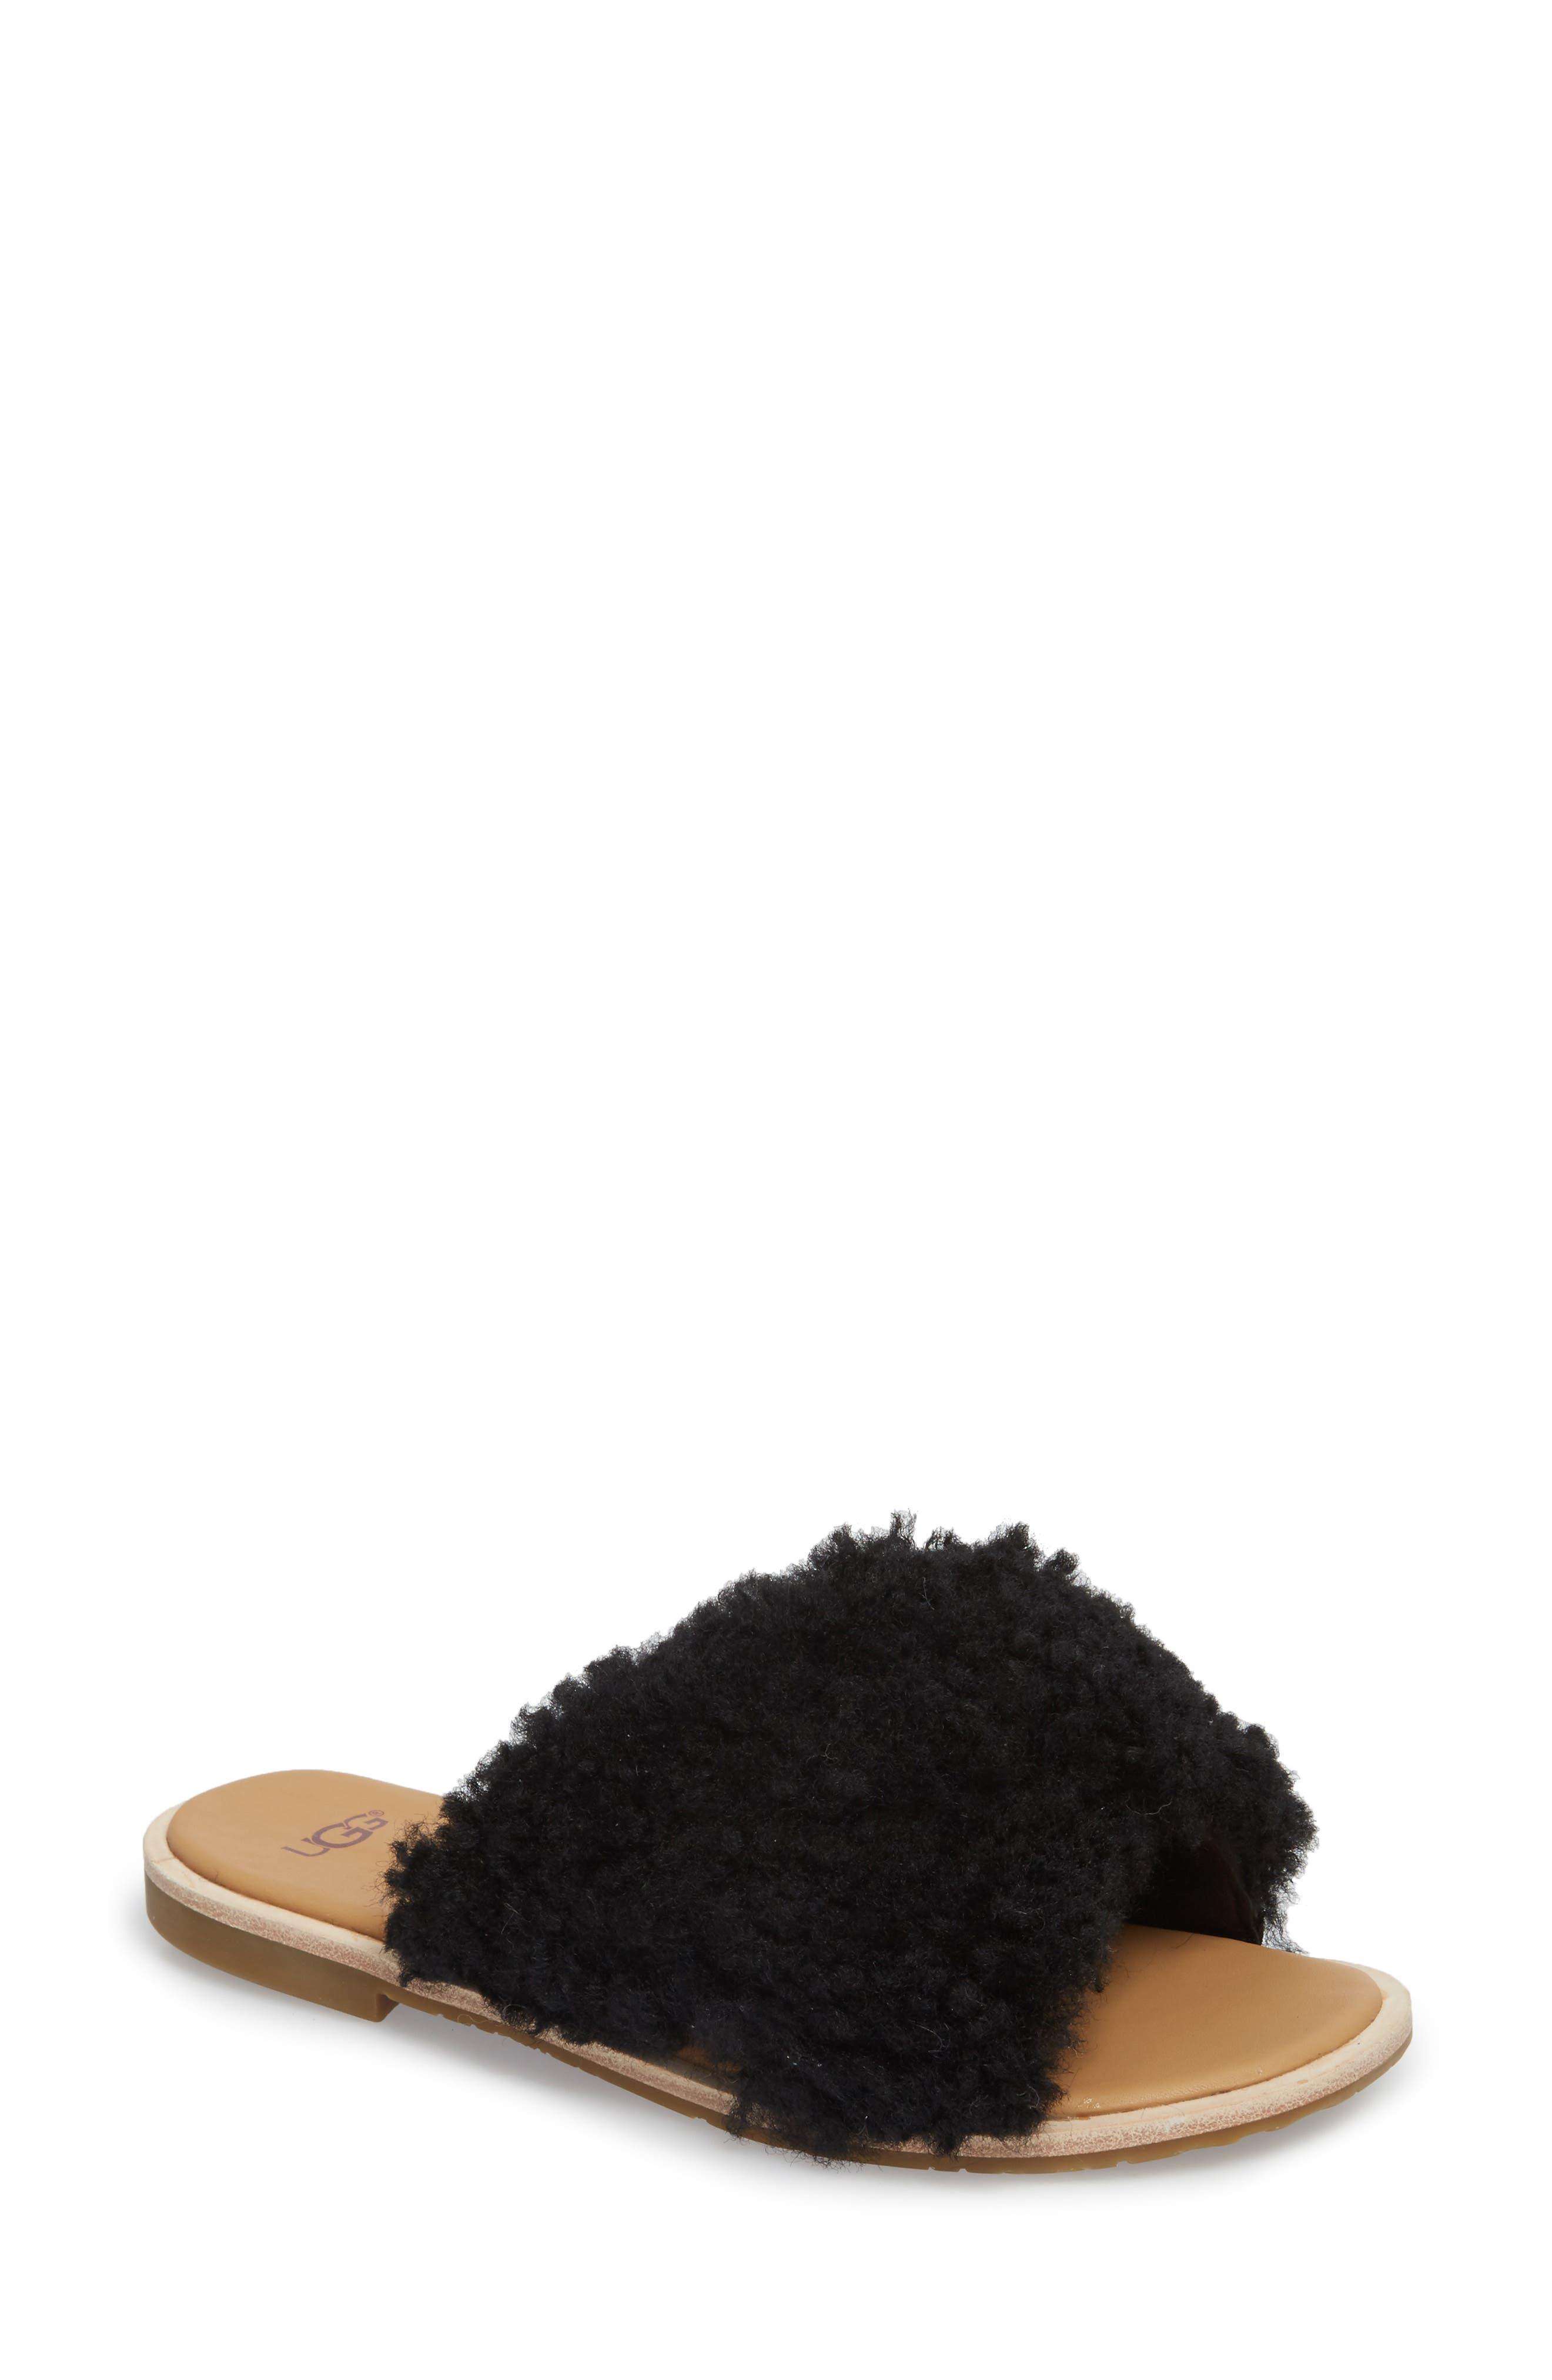 Joni Genuine Shearling Slide Sandal,                             Main thumbnail 1, color,                             BLACK